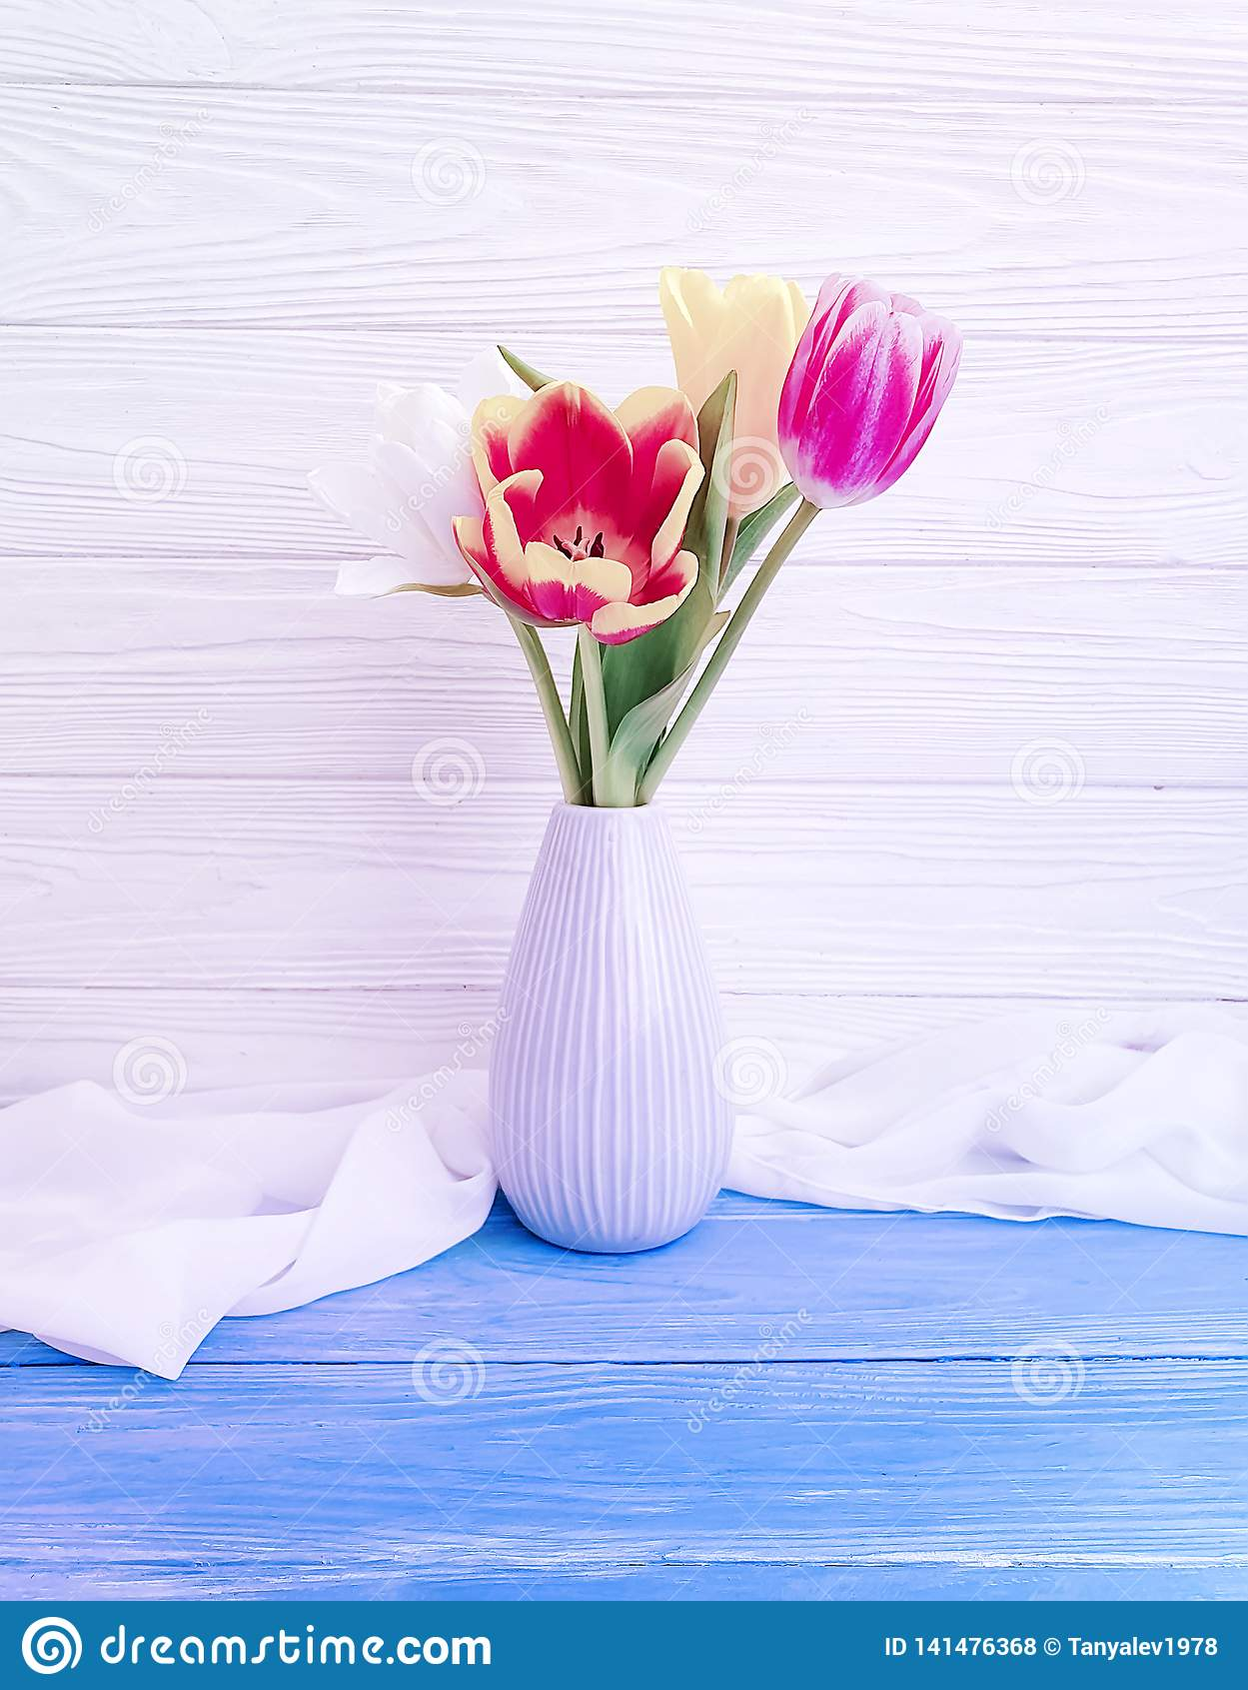 Vasenblumenstrauß der Tulpendekoranordnungsausgangsbunten romantischen Eleganz auf hölzernem Hintergrund